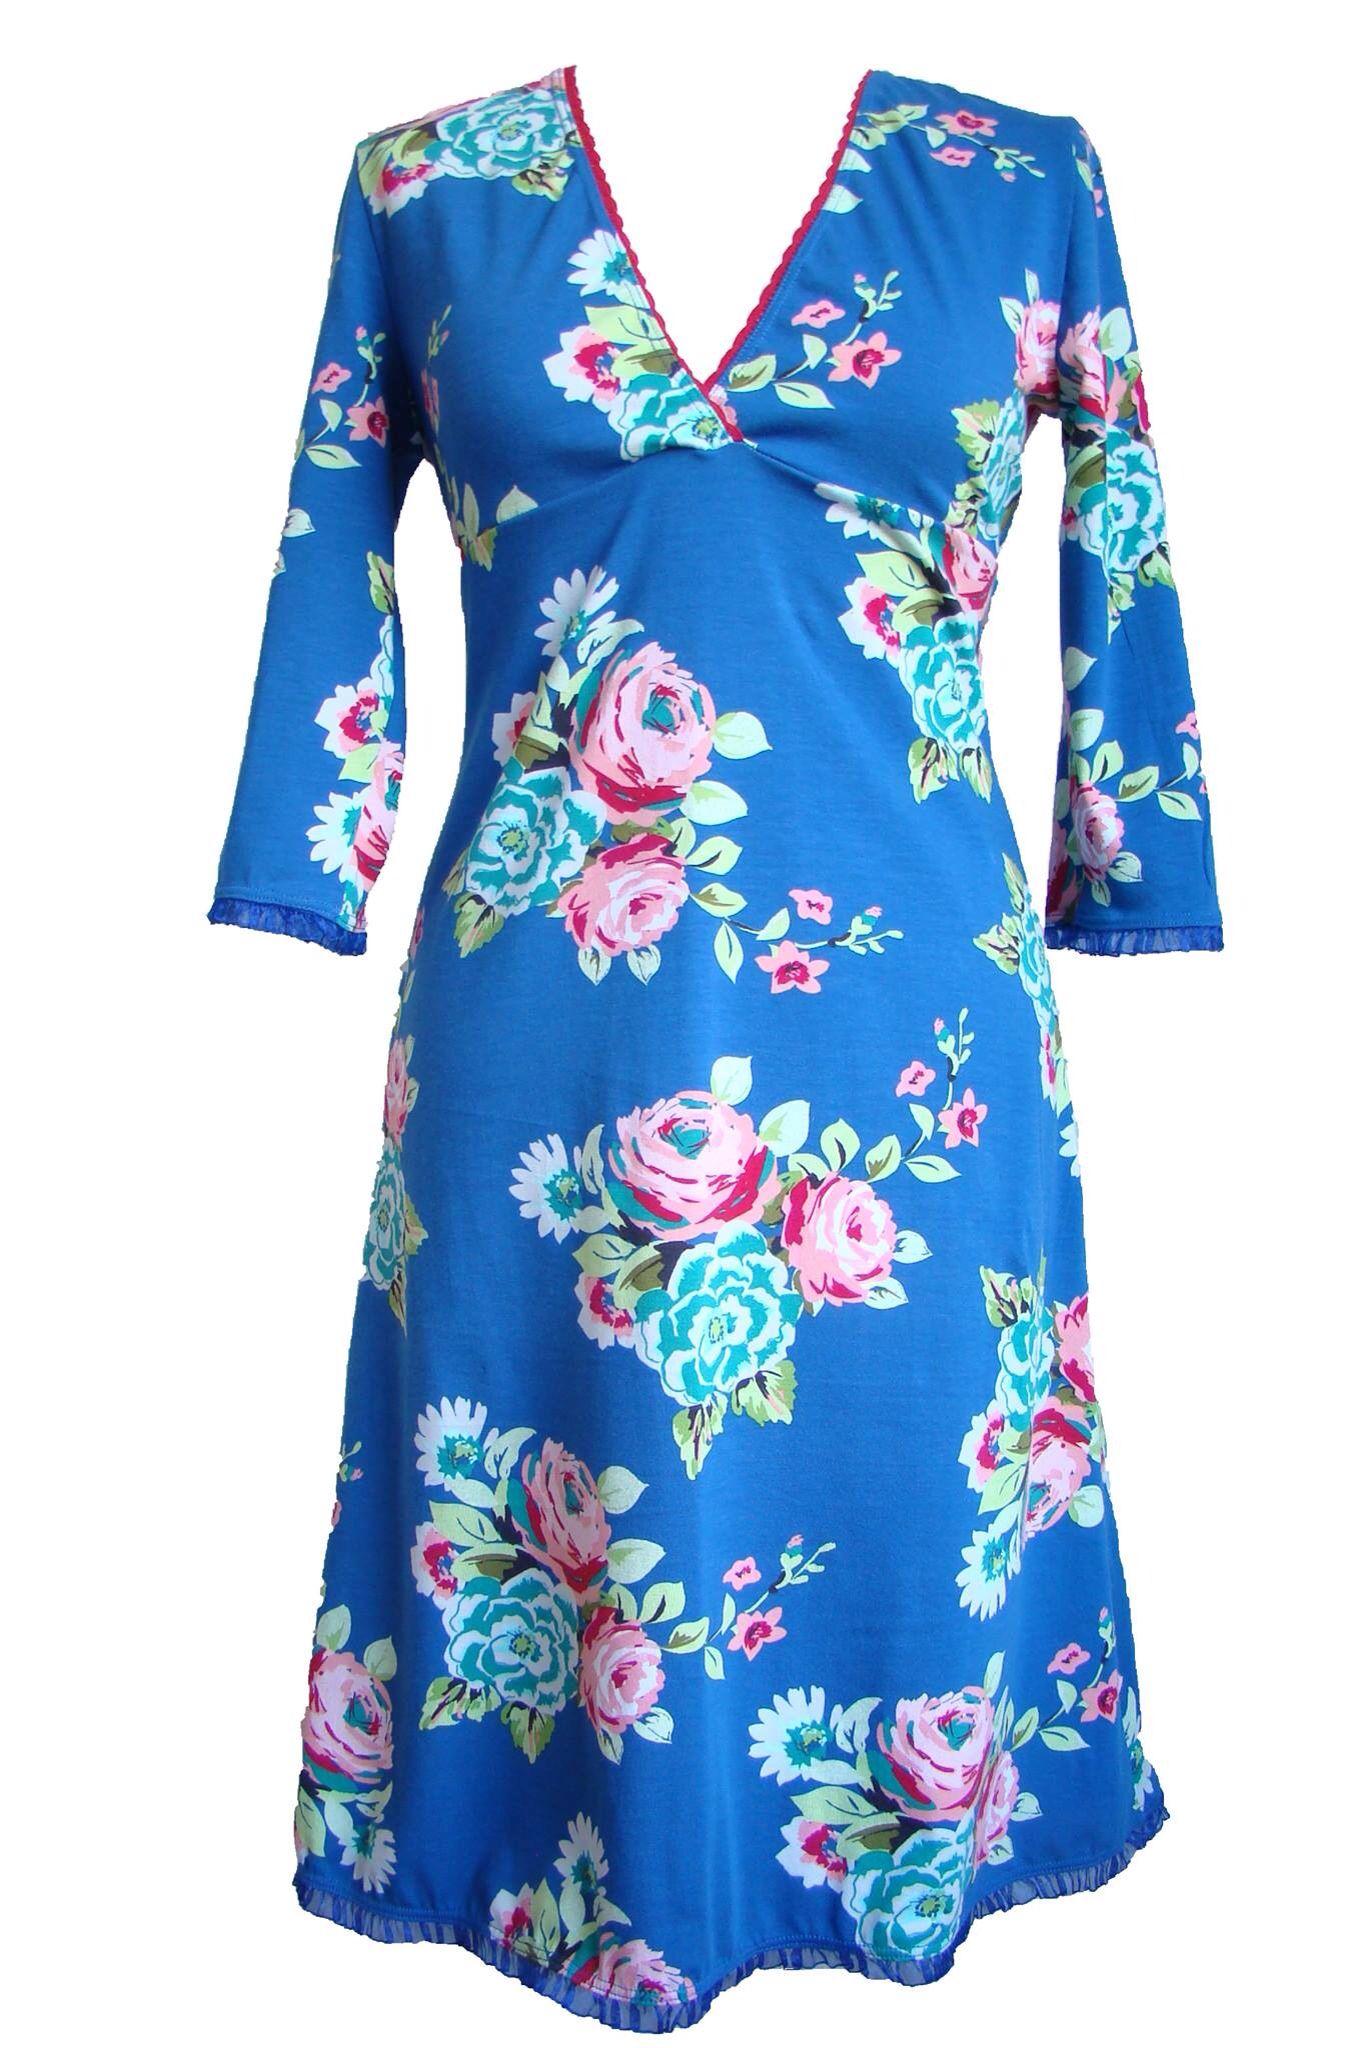 Blauwe Bloemen jurk van Pinka via pinka.nl   handgemaakt